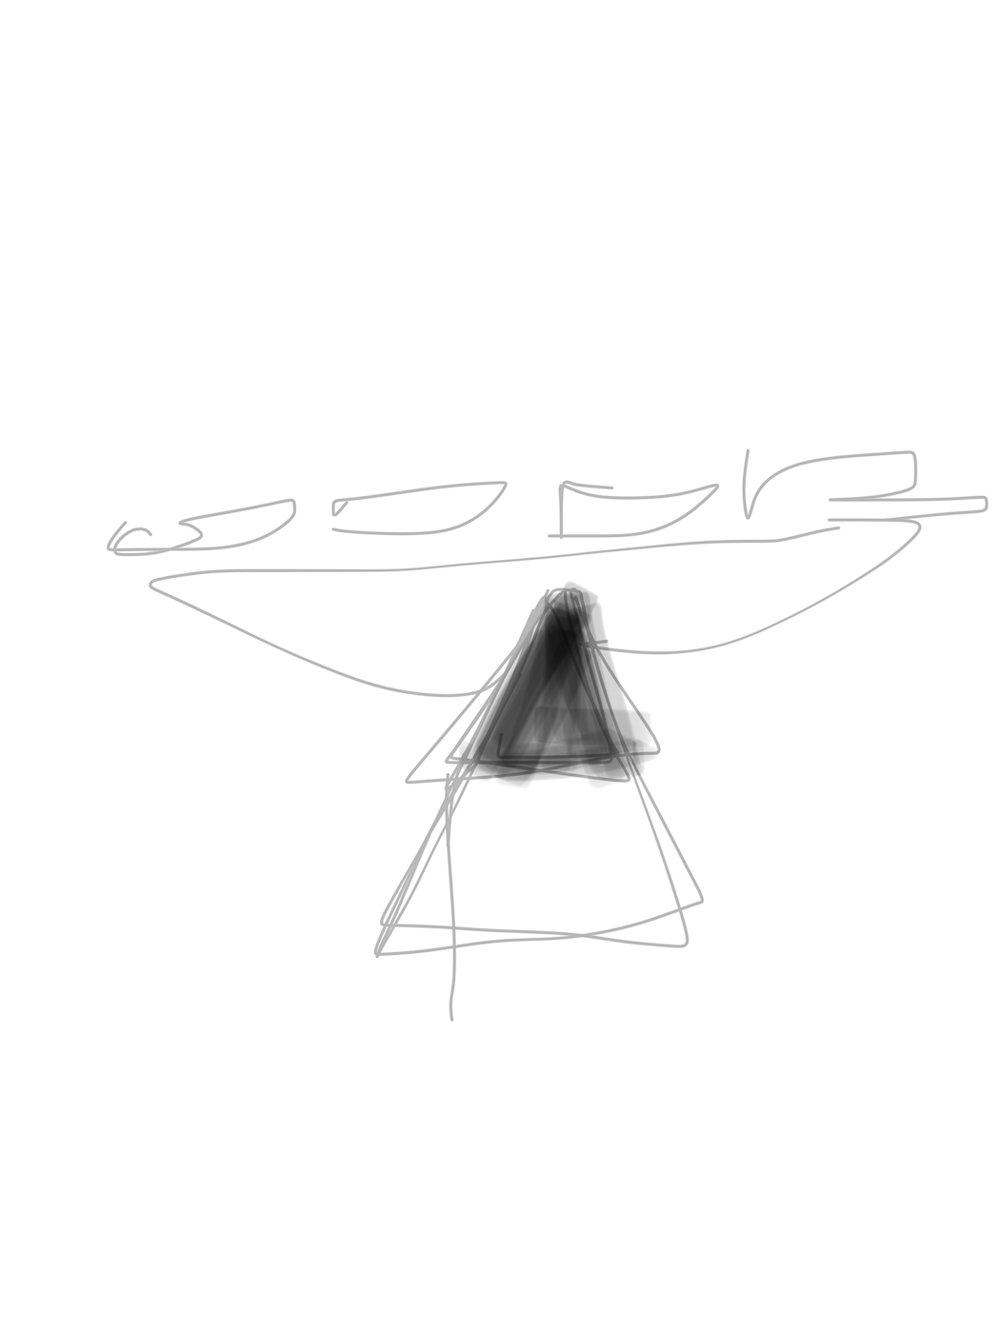 Sketch-402.jpg